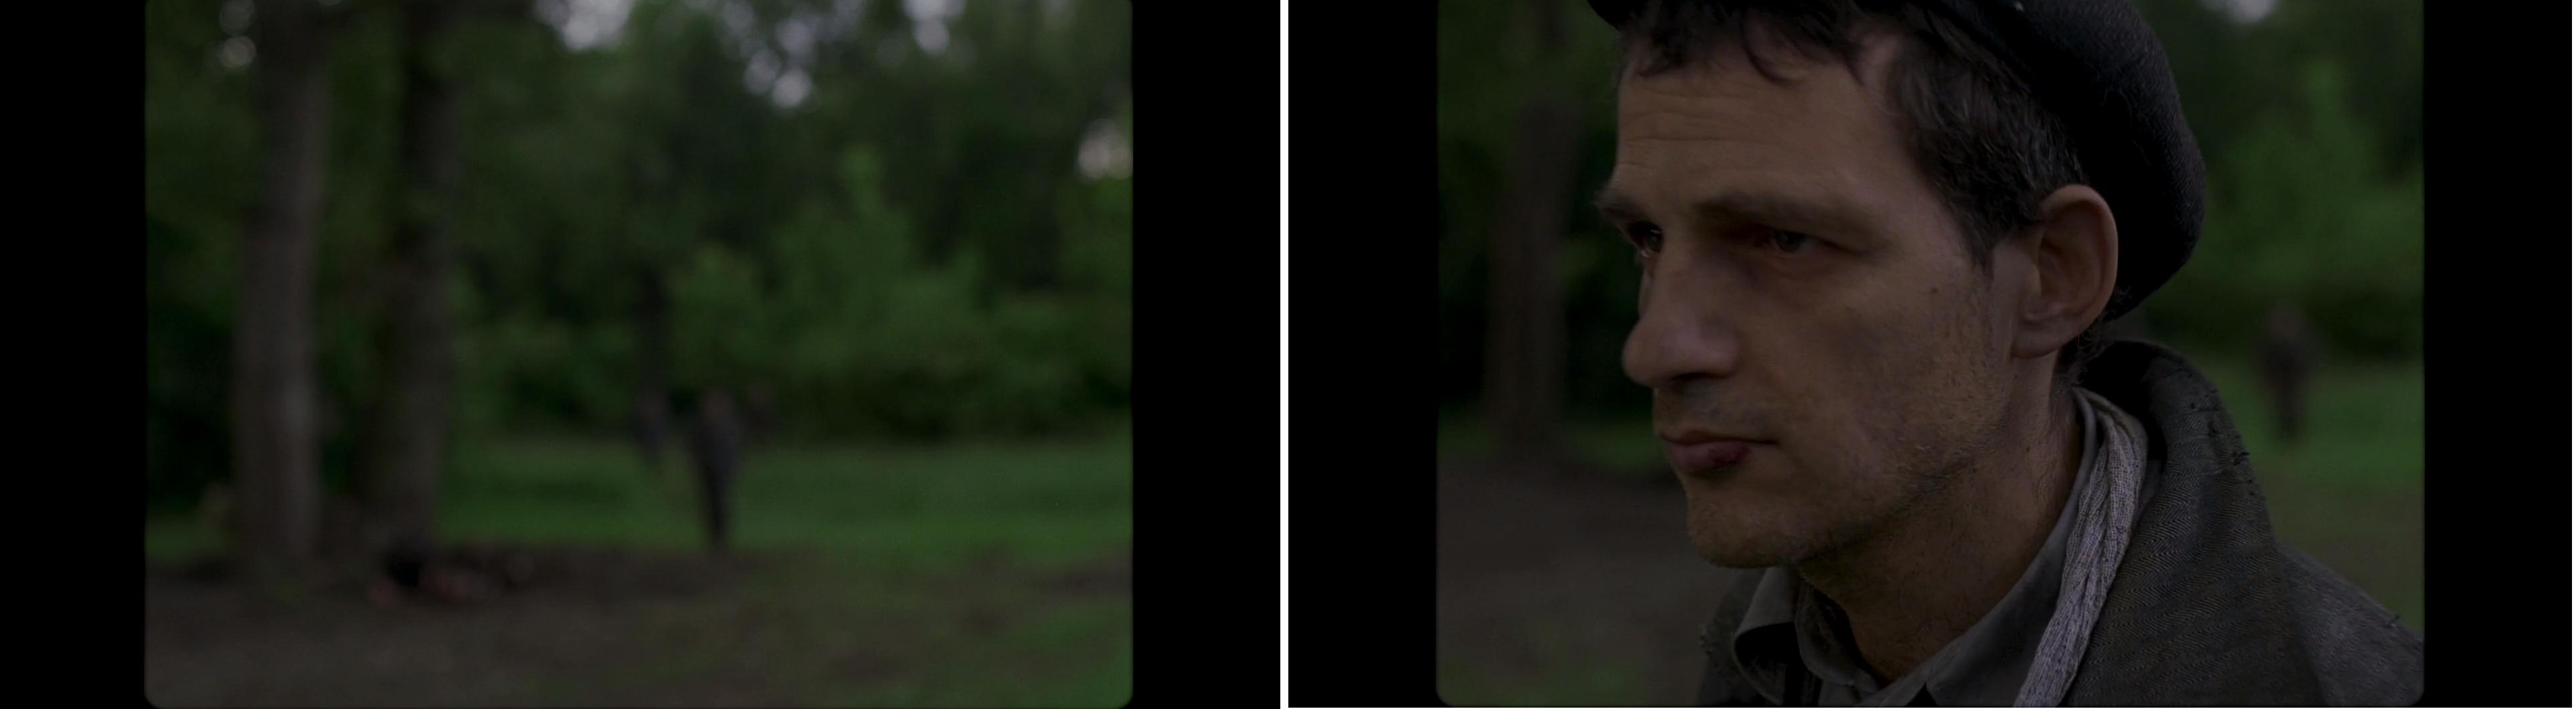 Homályos nyitókép után Saul kerül fókuszba, a szabadon látható háttér továbbra is elmosódott marad.